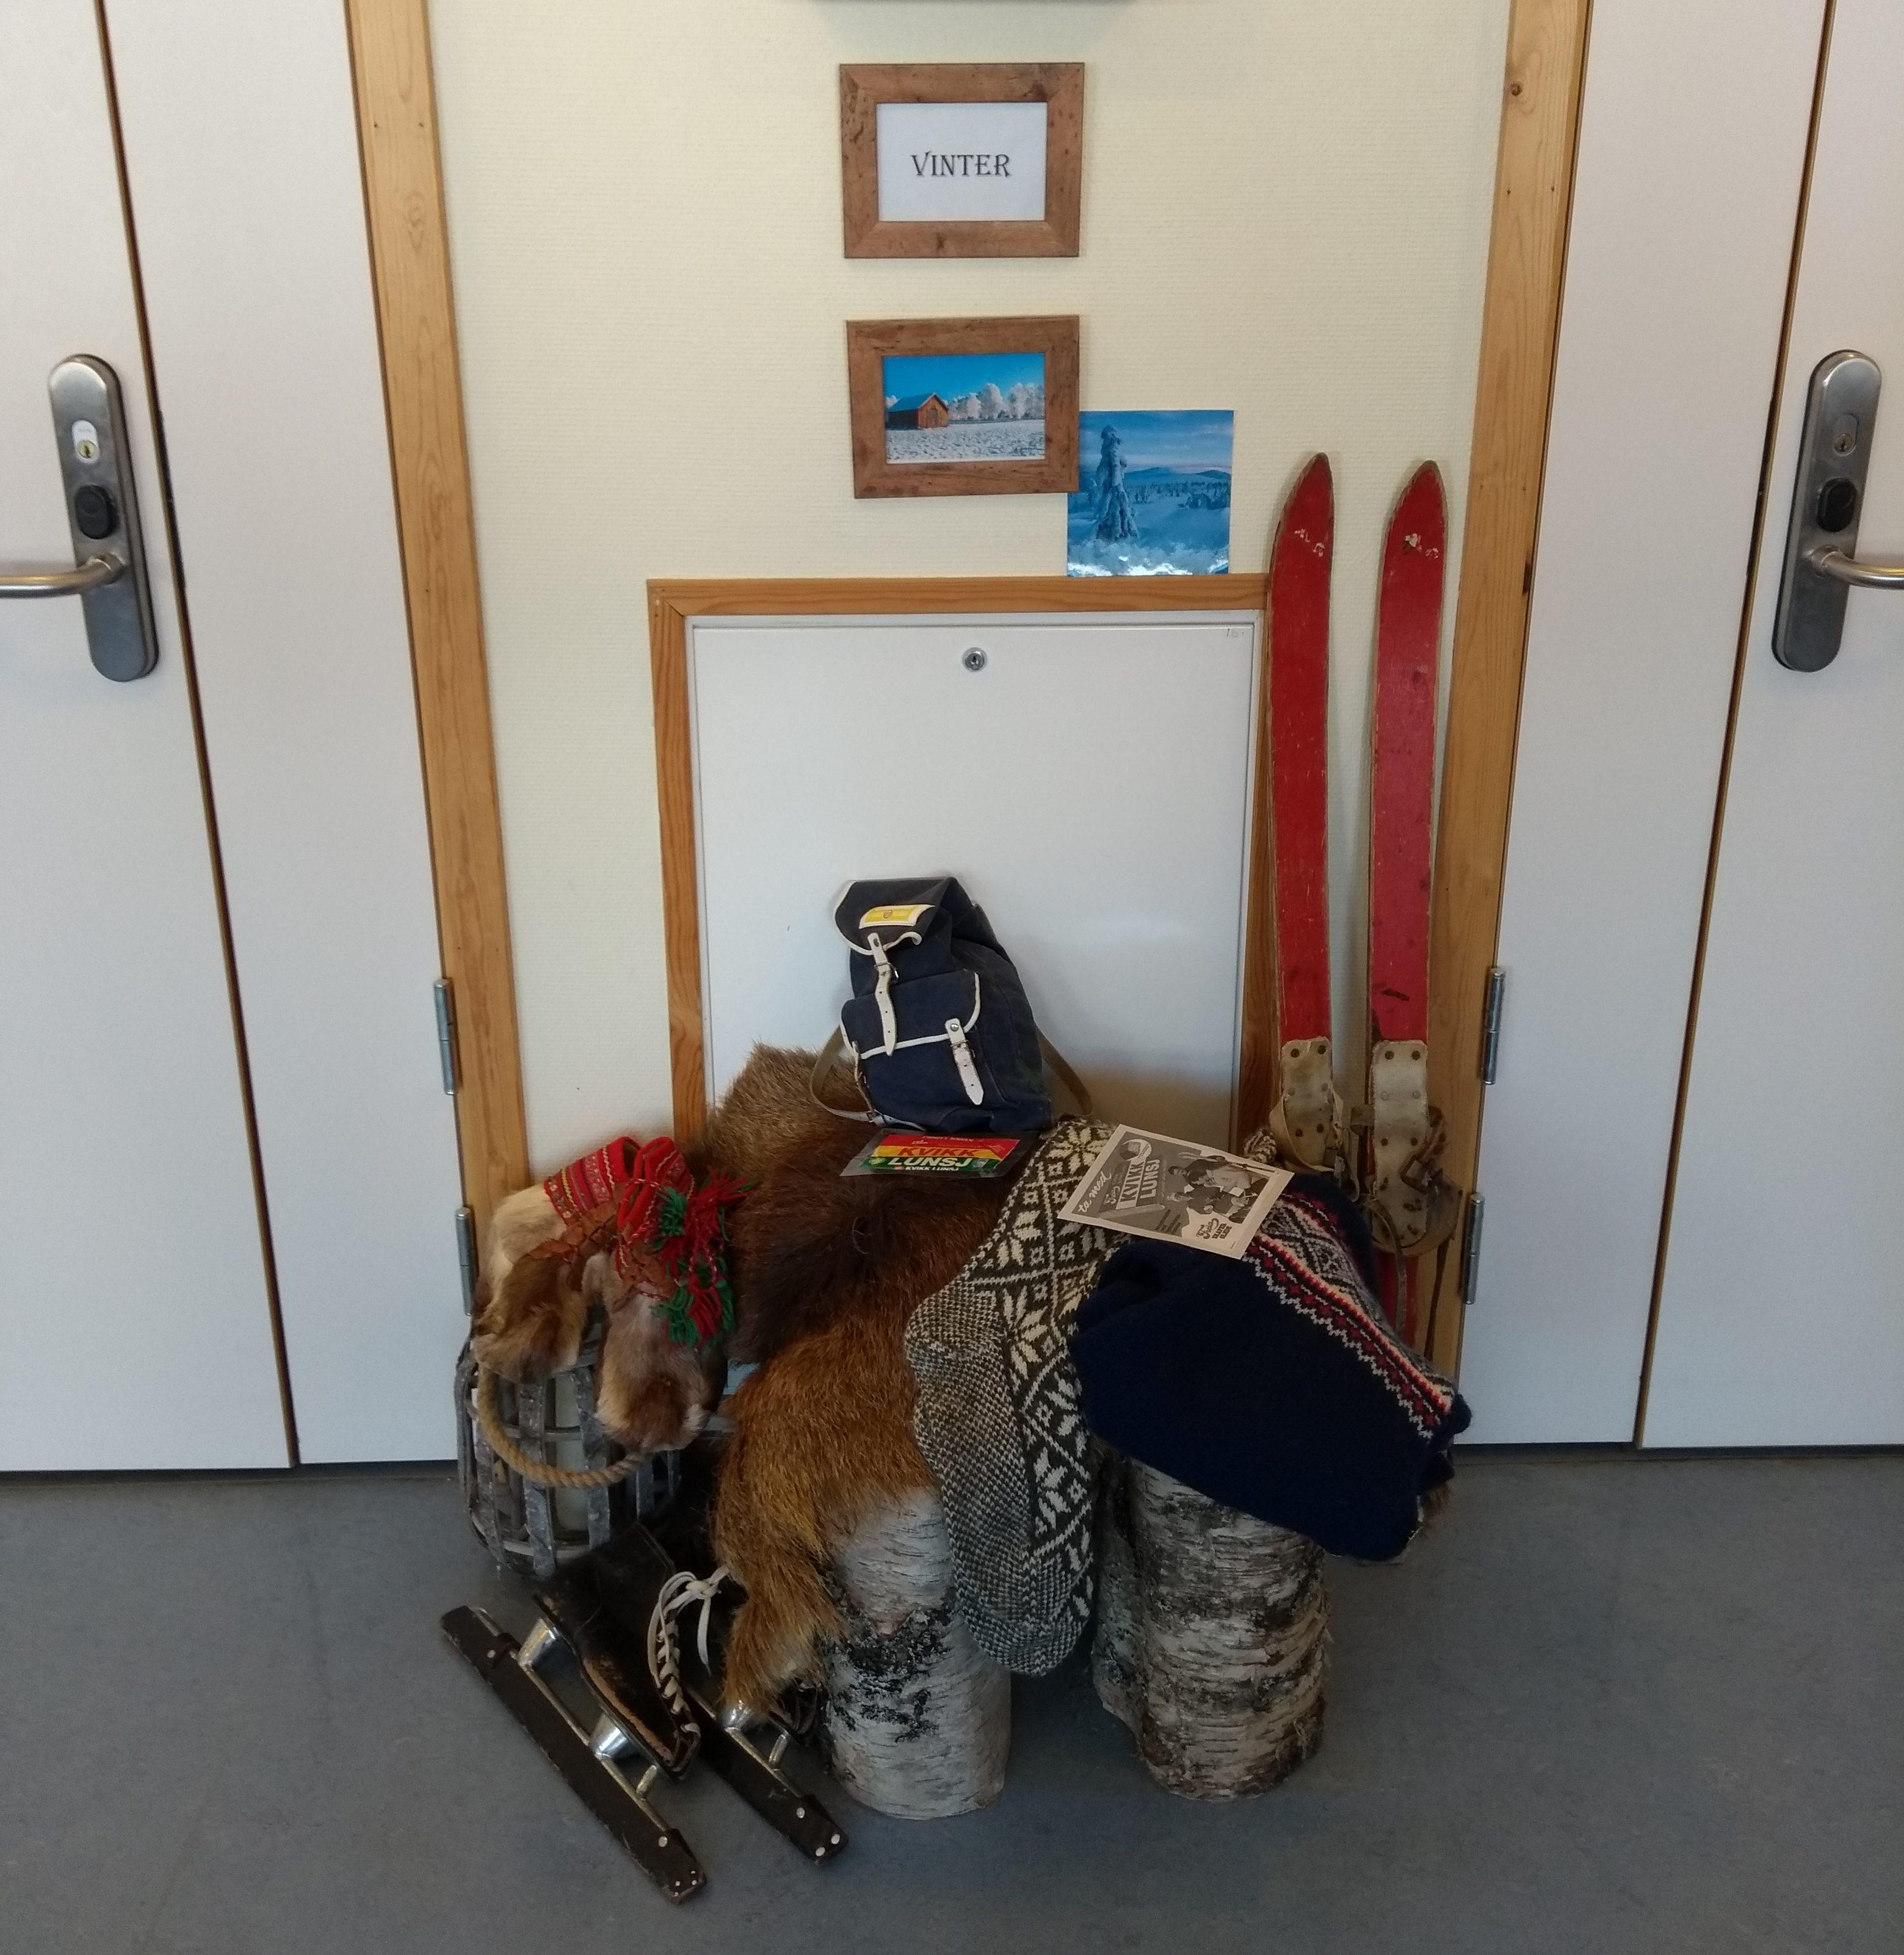 Vinterpynt med ski, skøyter, kvikklunsj og bilder skaper stemning og årstidsrytme i korridoren